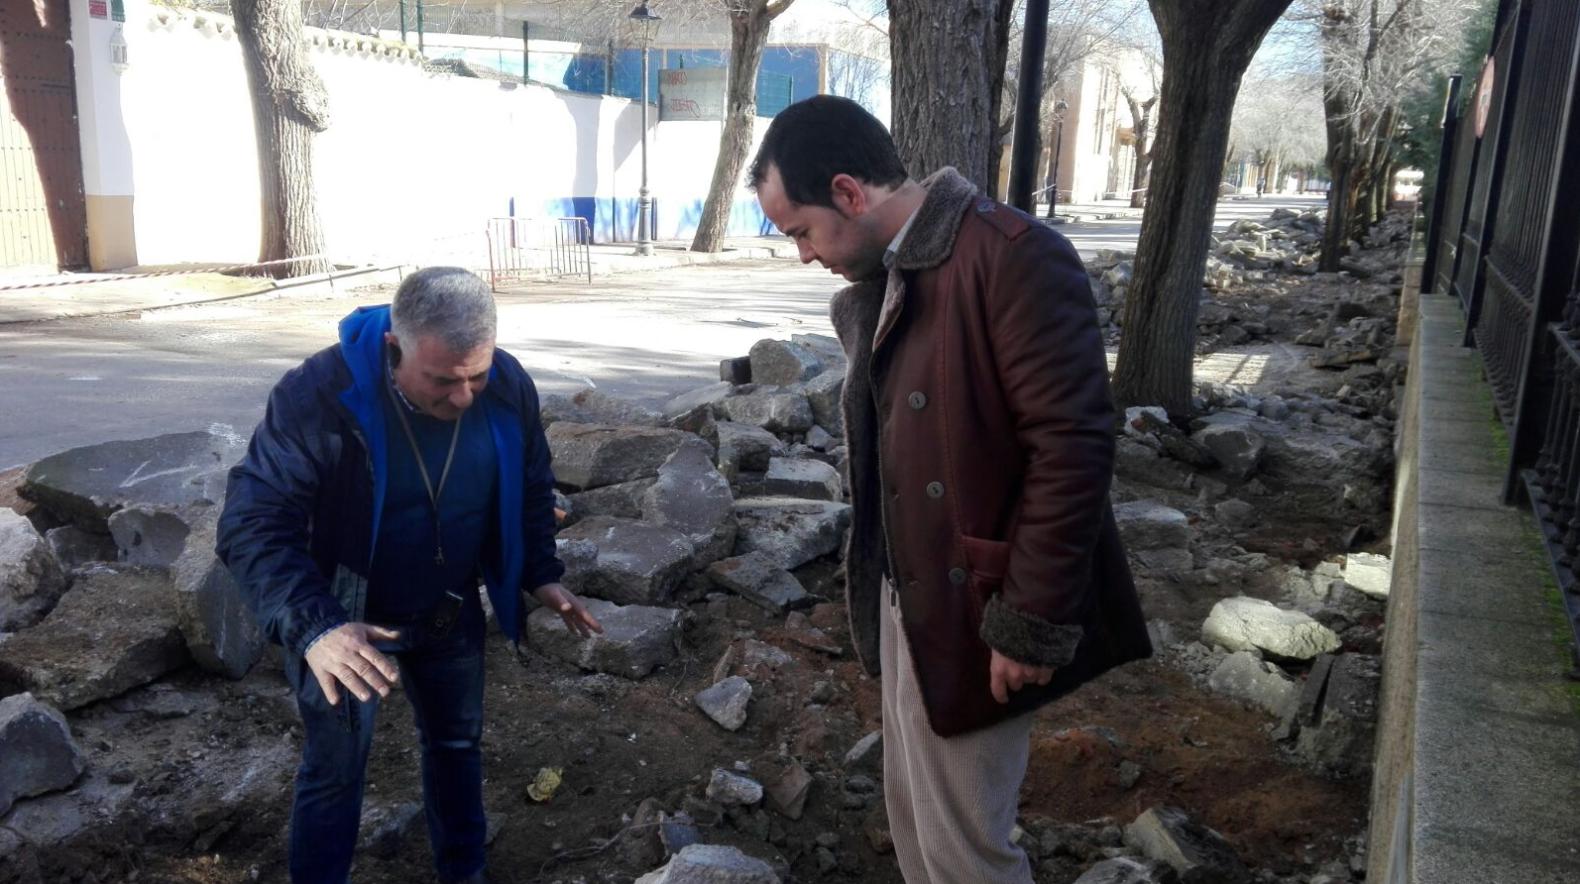 obras en avenida tierno galvan 2 - Siguen las obras para mejorar la accesibilidad en la Avenida Tierno Galván